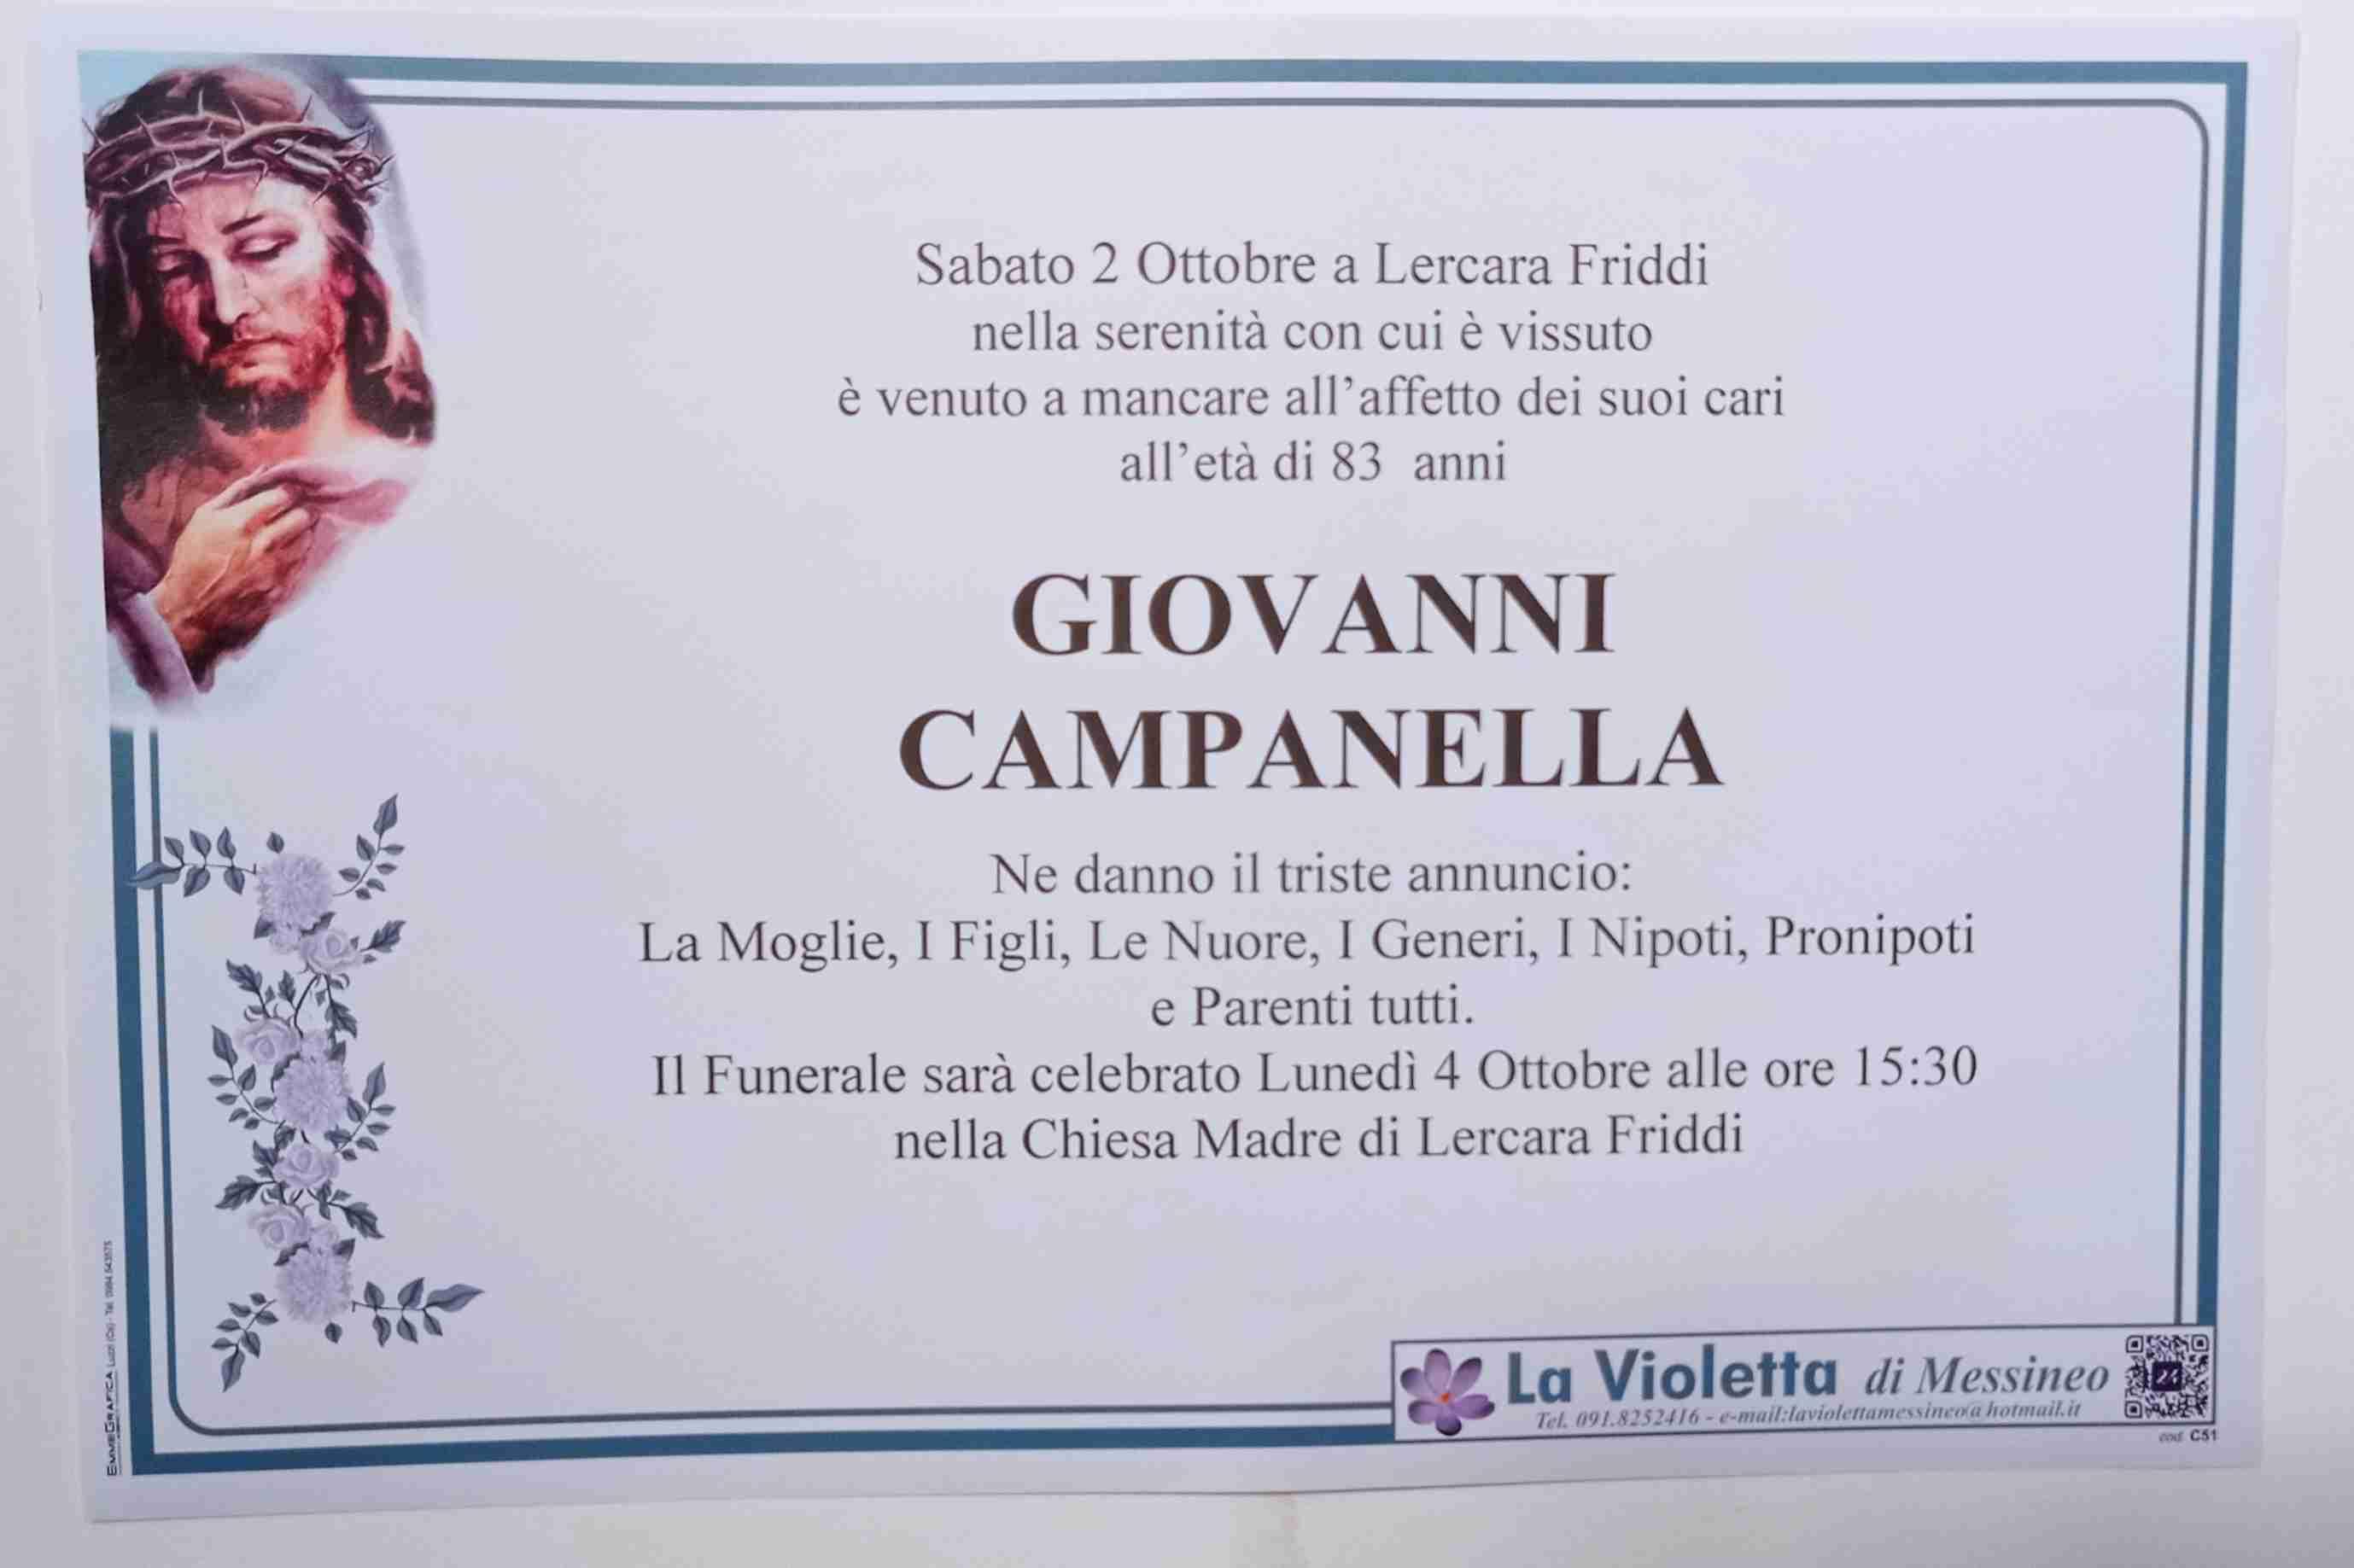 Giovanni Campanella